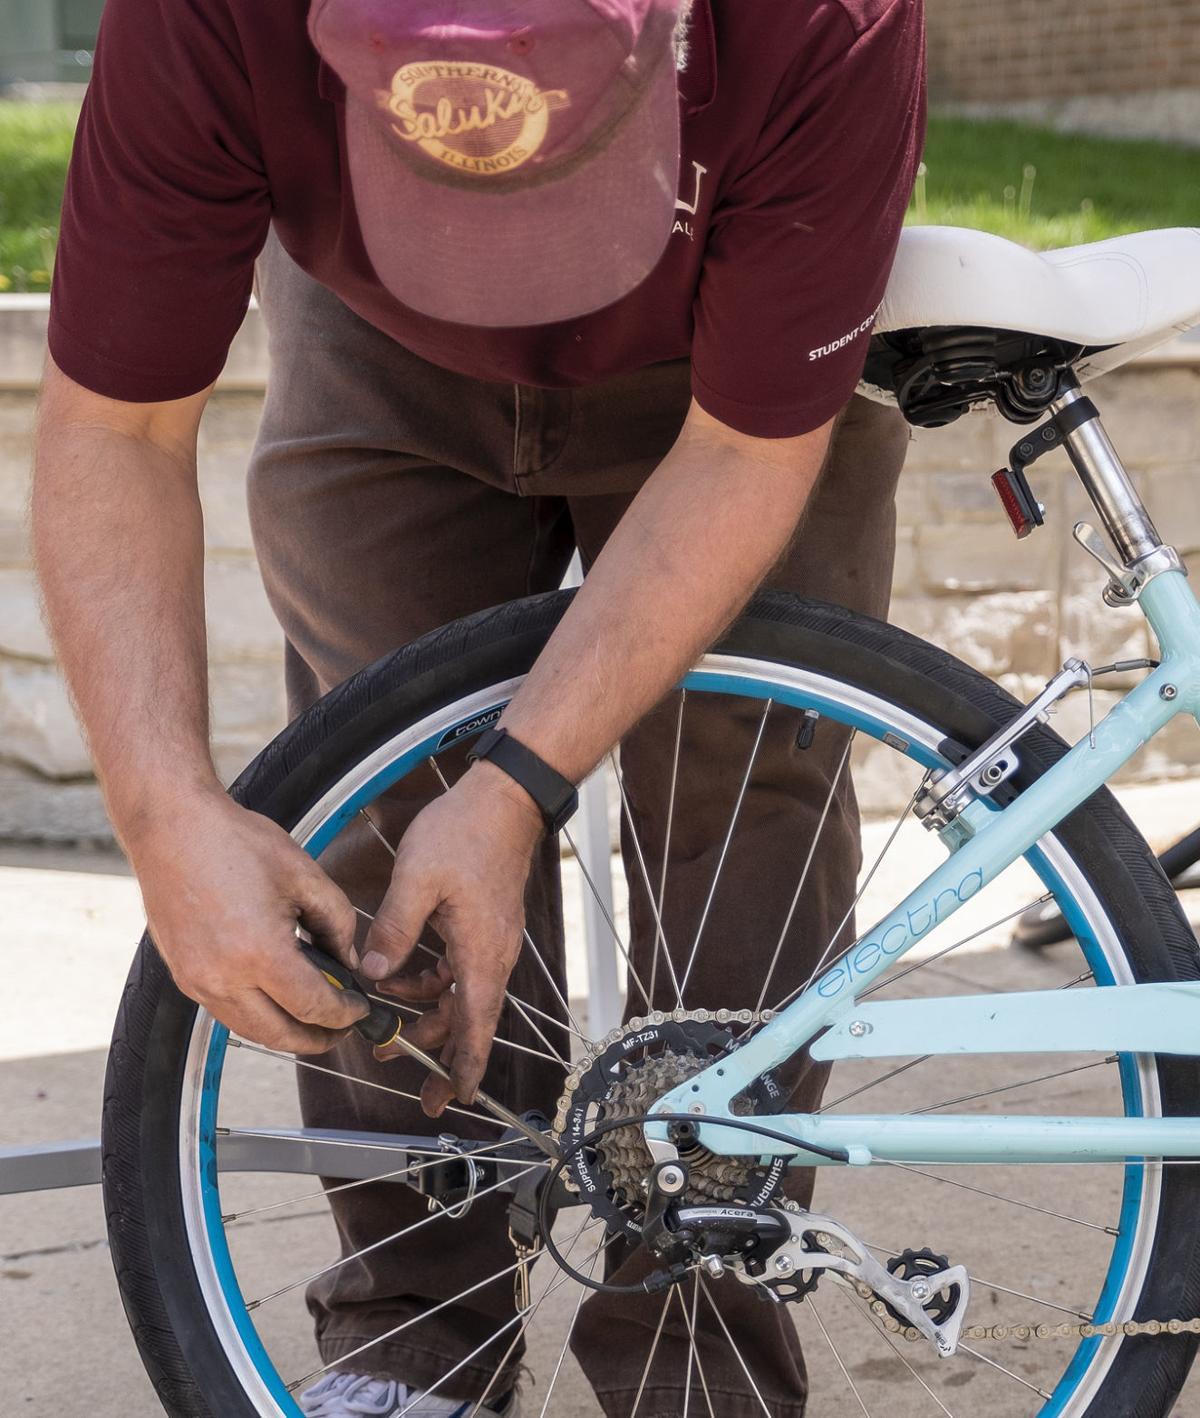 050218-nws-bikes-2.jpg